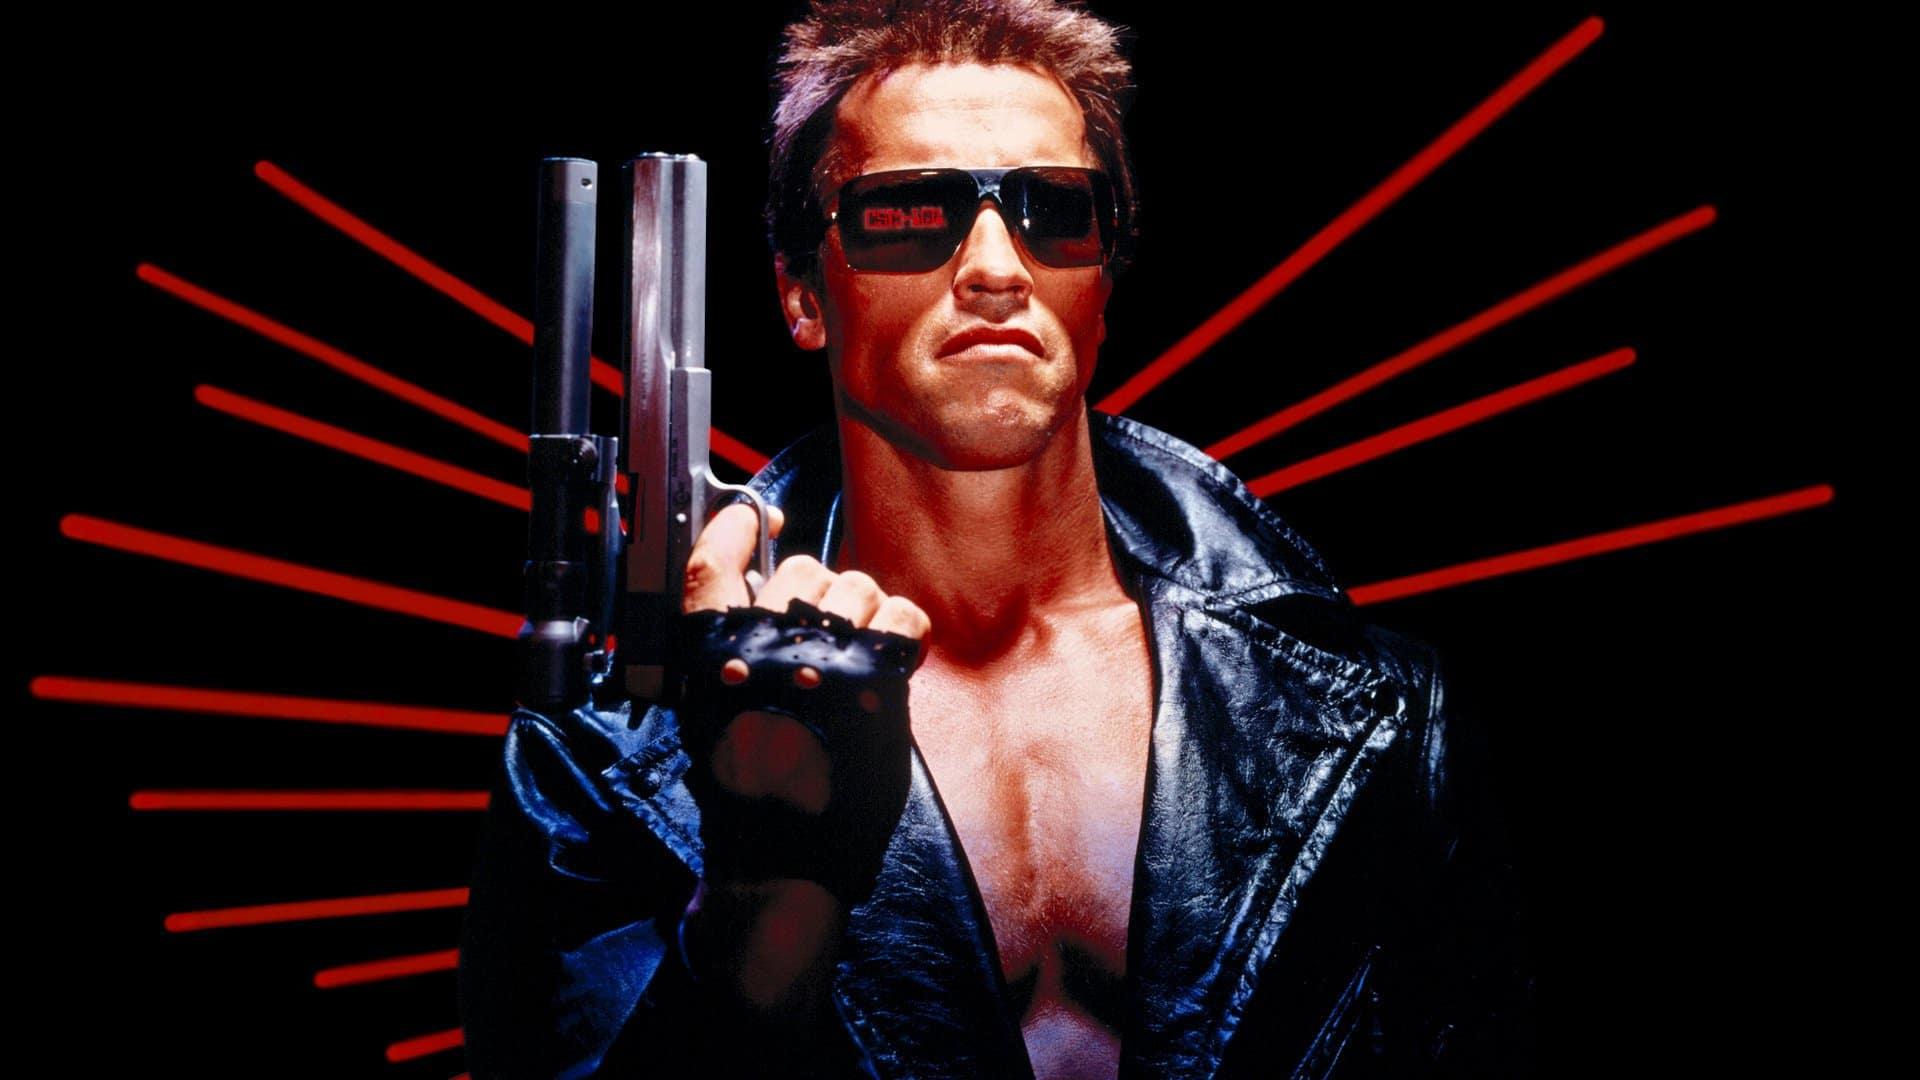 Regarder Terminator en streaming gratuit